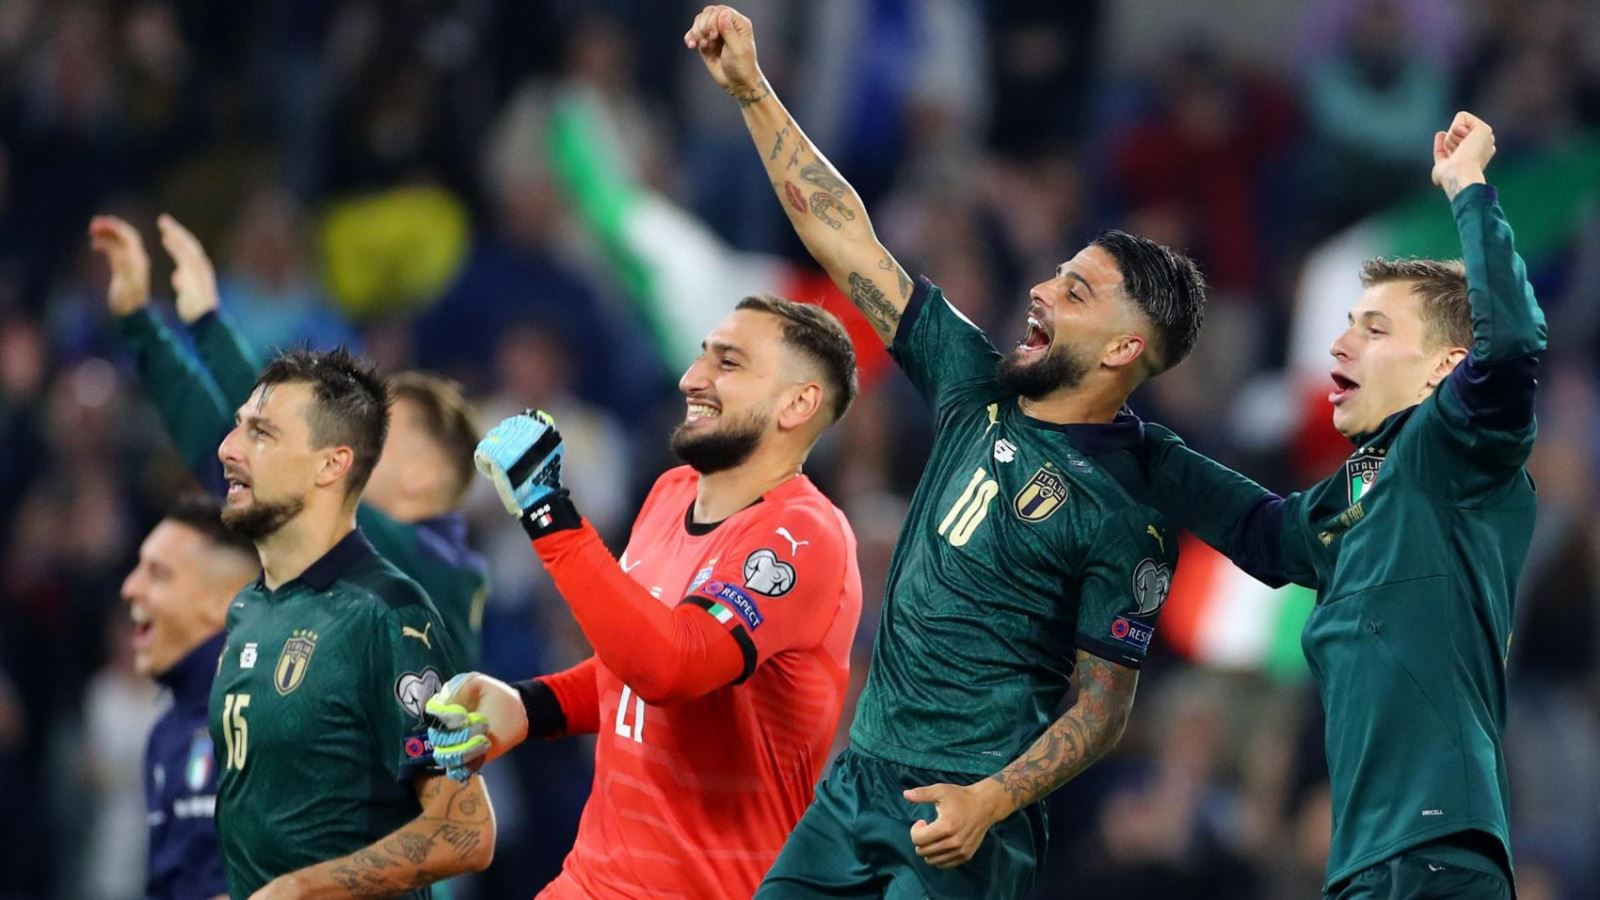 Vòng loại EURO 2020: Italy giành vé sớm, Tây Ban Nha rơi chiến ...